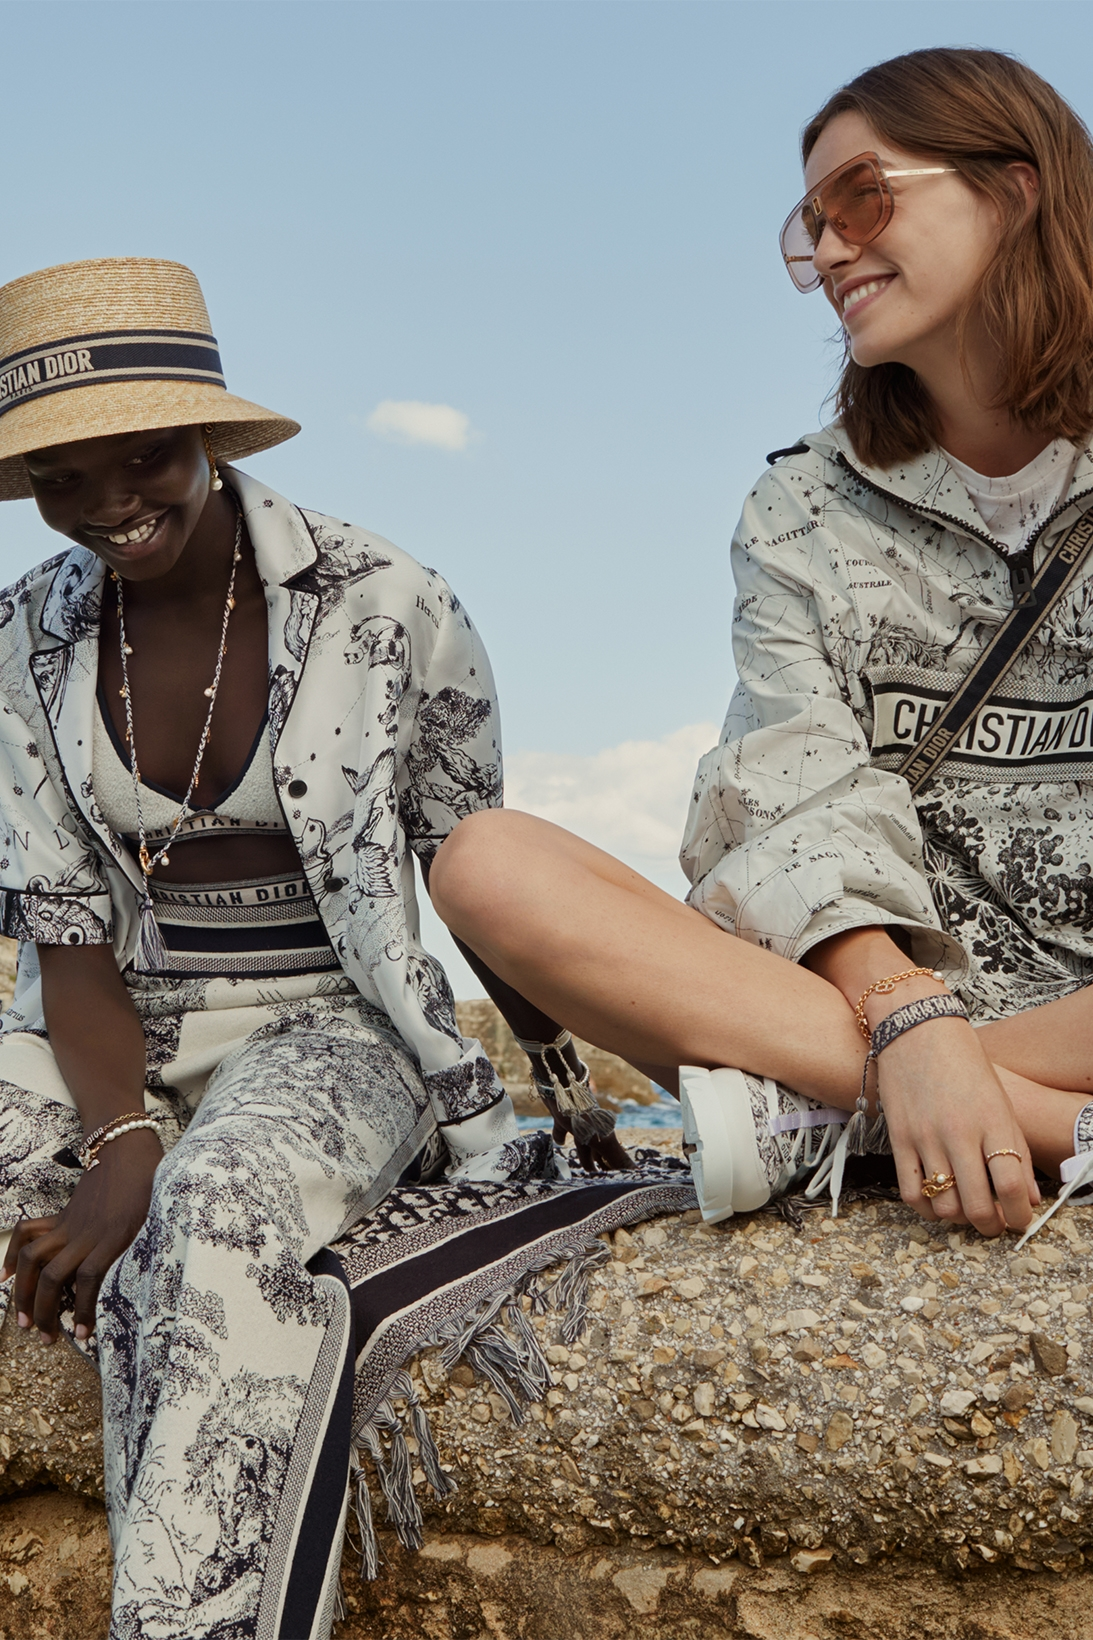 Тренд на комфорт. Dior выпустили коллекцию домашней одежды (ФОТО+ВИДЕО) - фото №4